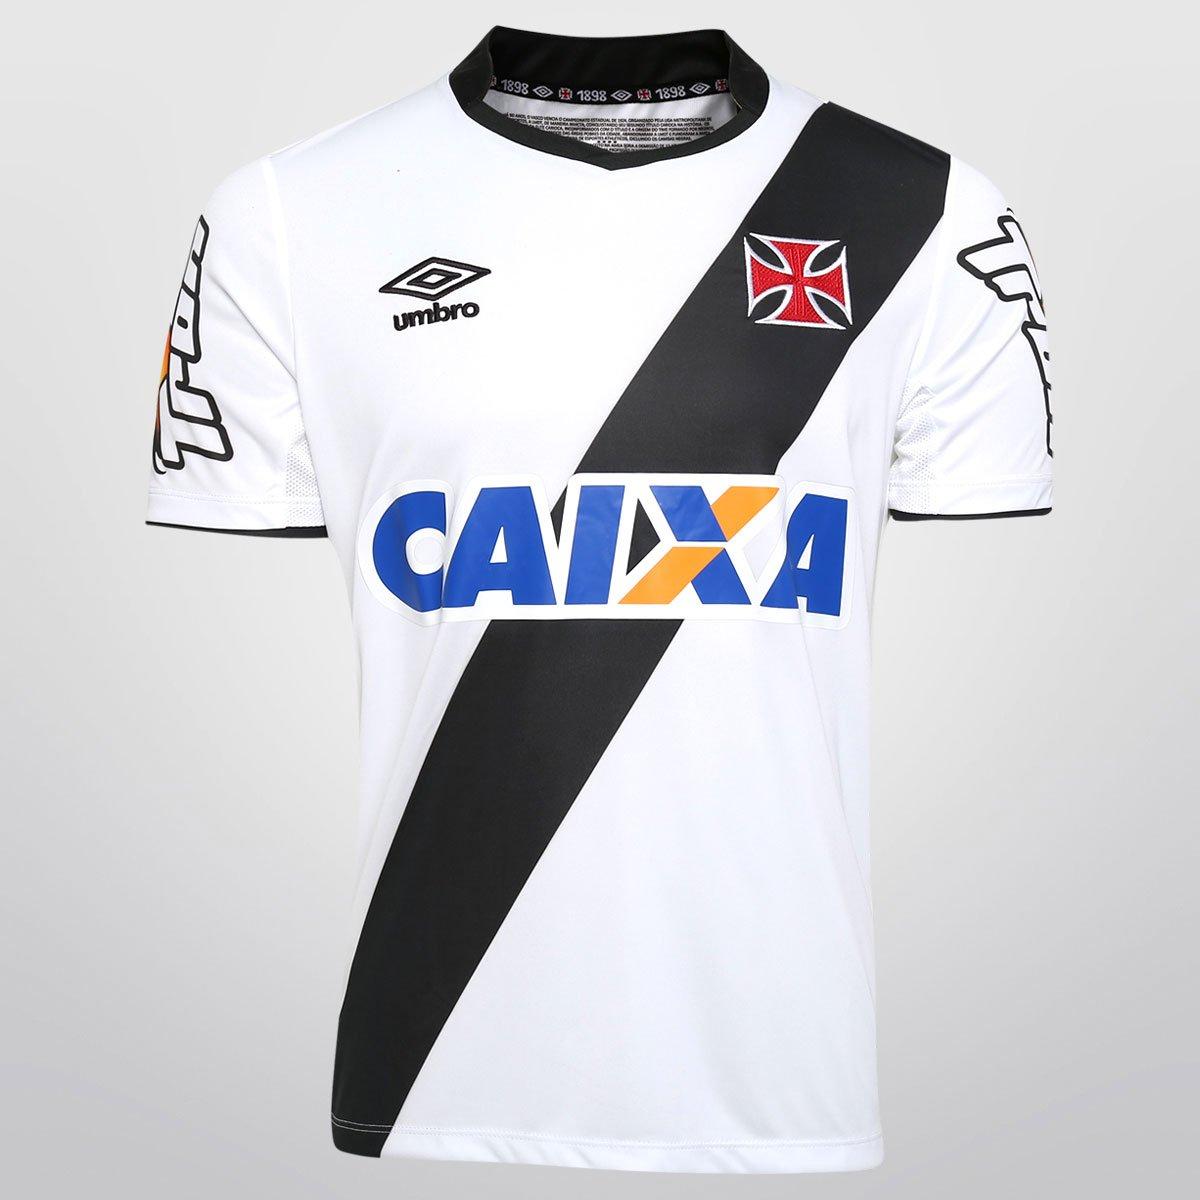 c210e7a82a Camisa Umbro Vasco II 2014 s nº - Compre Agora